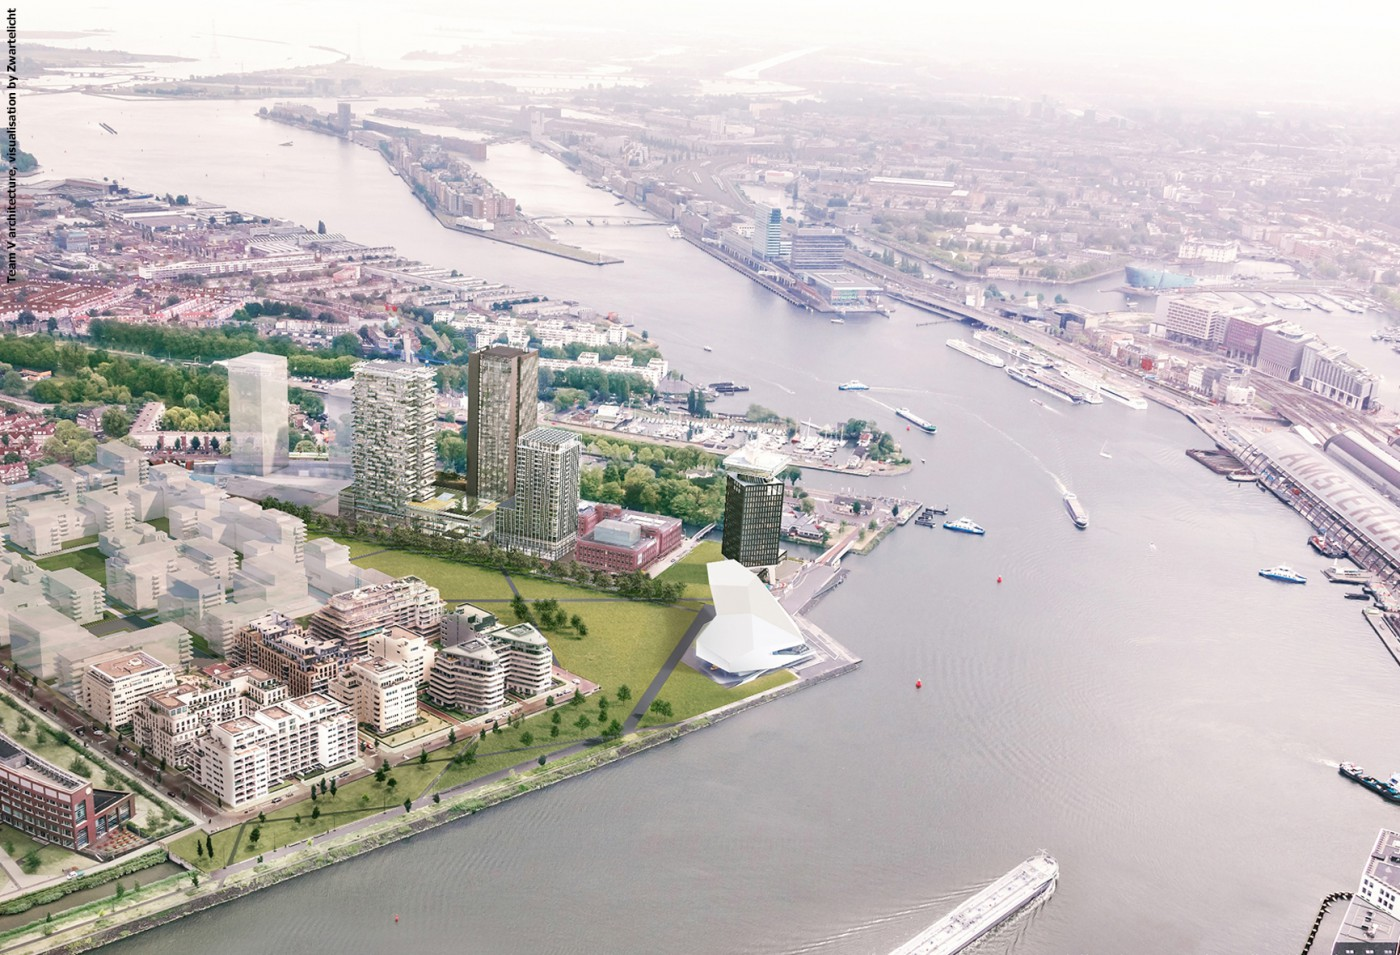 buro-sant-en-co-landschapsarchitectuur-overhoeks-amsterdam-woonomgeving-ontwerp-1